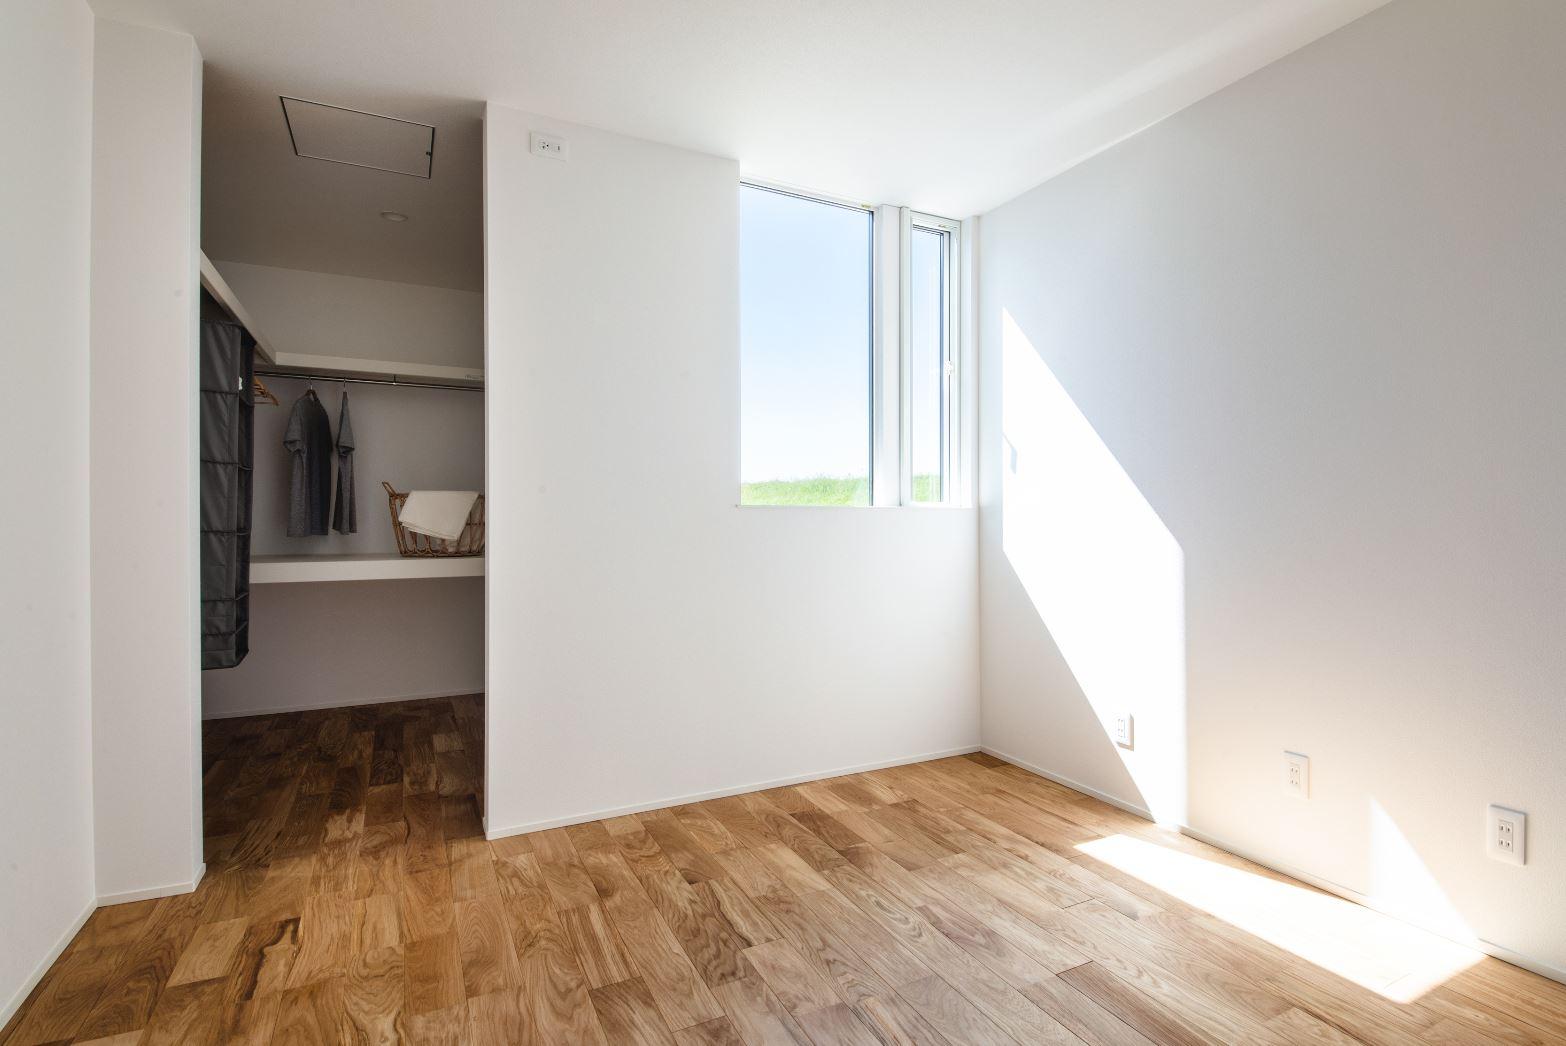 S.CONNECT(エスコネクト)【ペット、建築家、平屋】部屋自体も広く使うために、子ども部屋にはクローゼットを設けず、アイアンのハンガーパイプだけのオープンクローゼットを採用